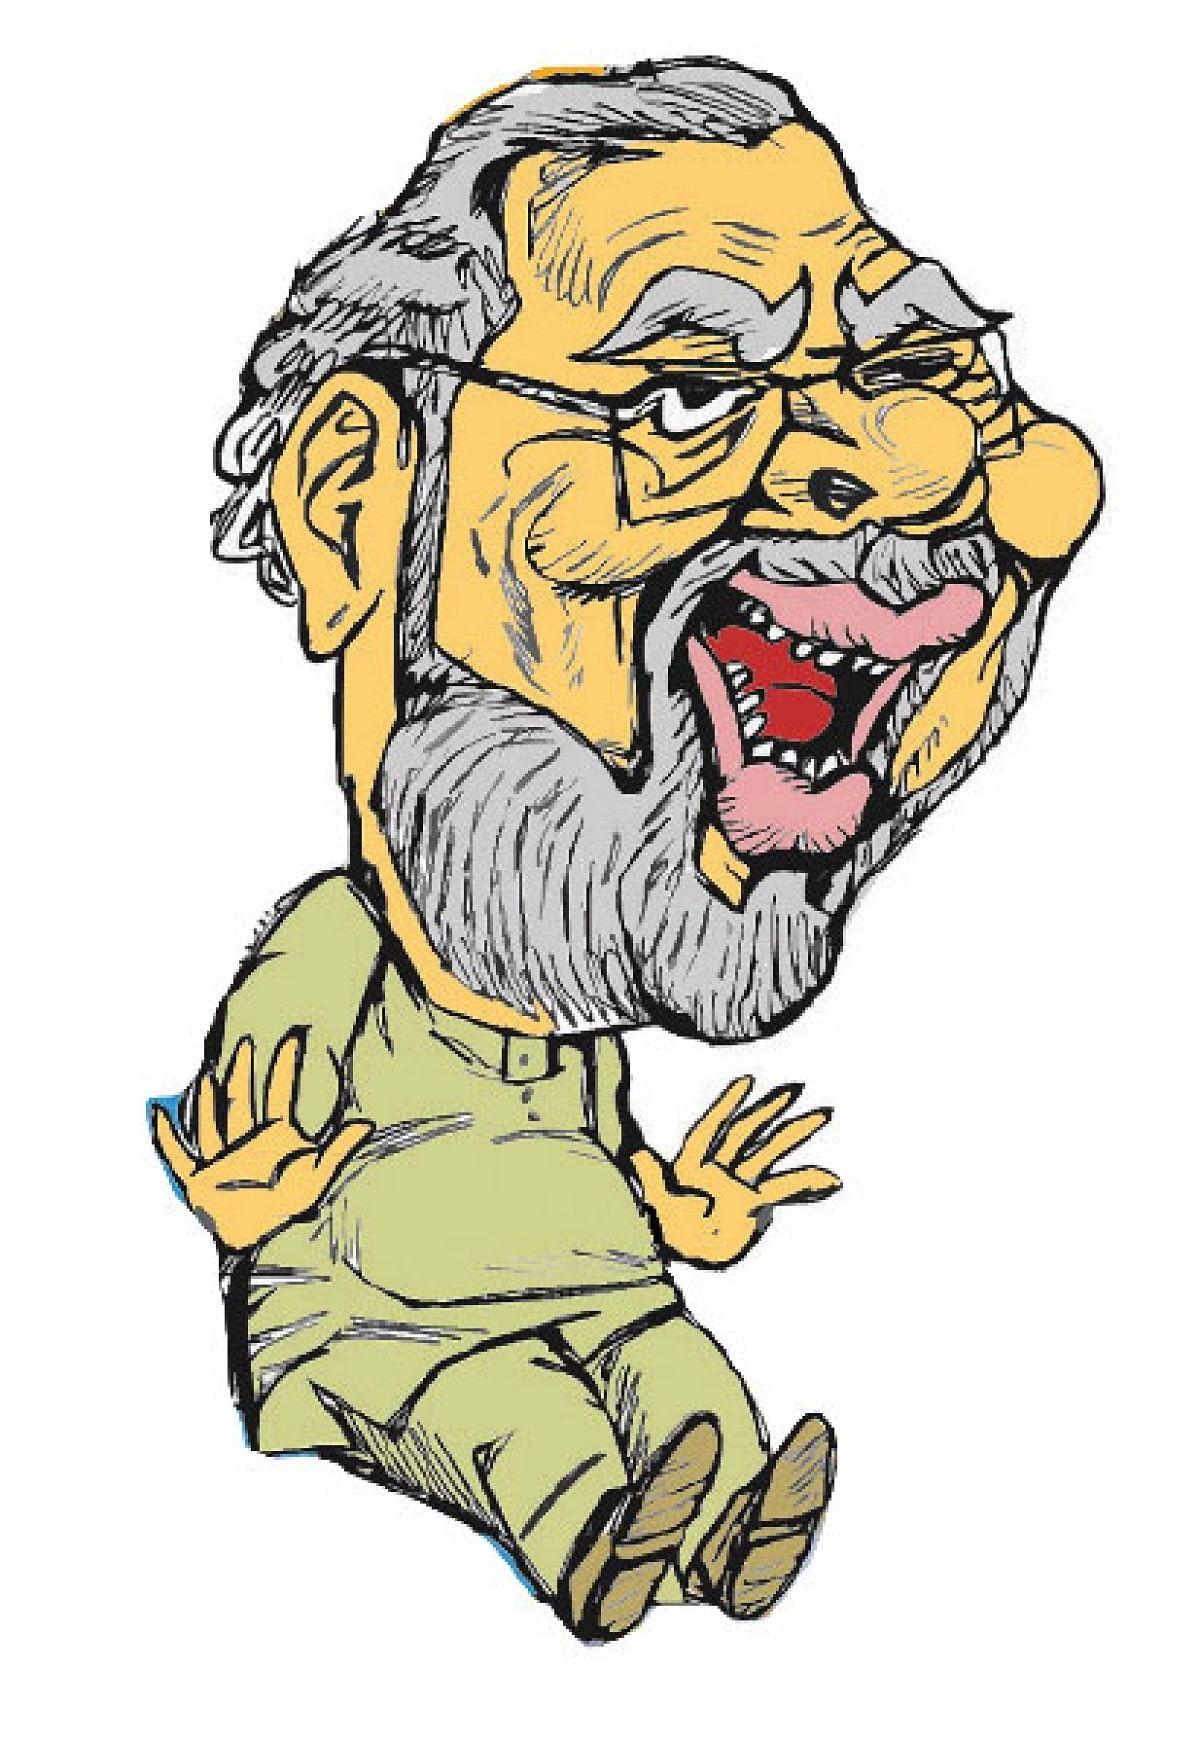 காப்பி பேஸ்ட் கதாகாலட்சேபங்கள் to நாச்சியப்பன் பாத்திரக் கடை - ஐ.டி விங் 'சம்பவங்கள்'